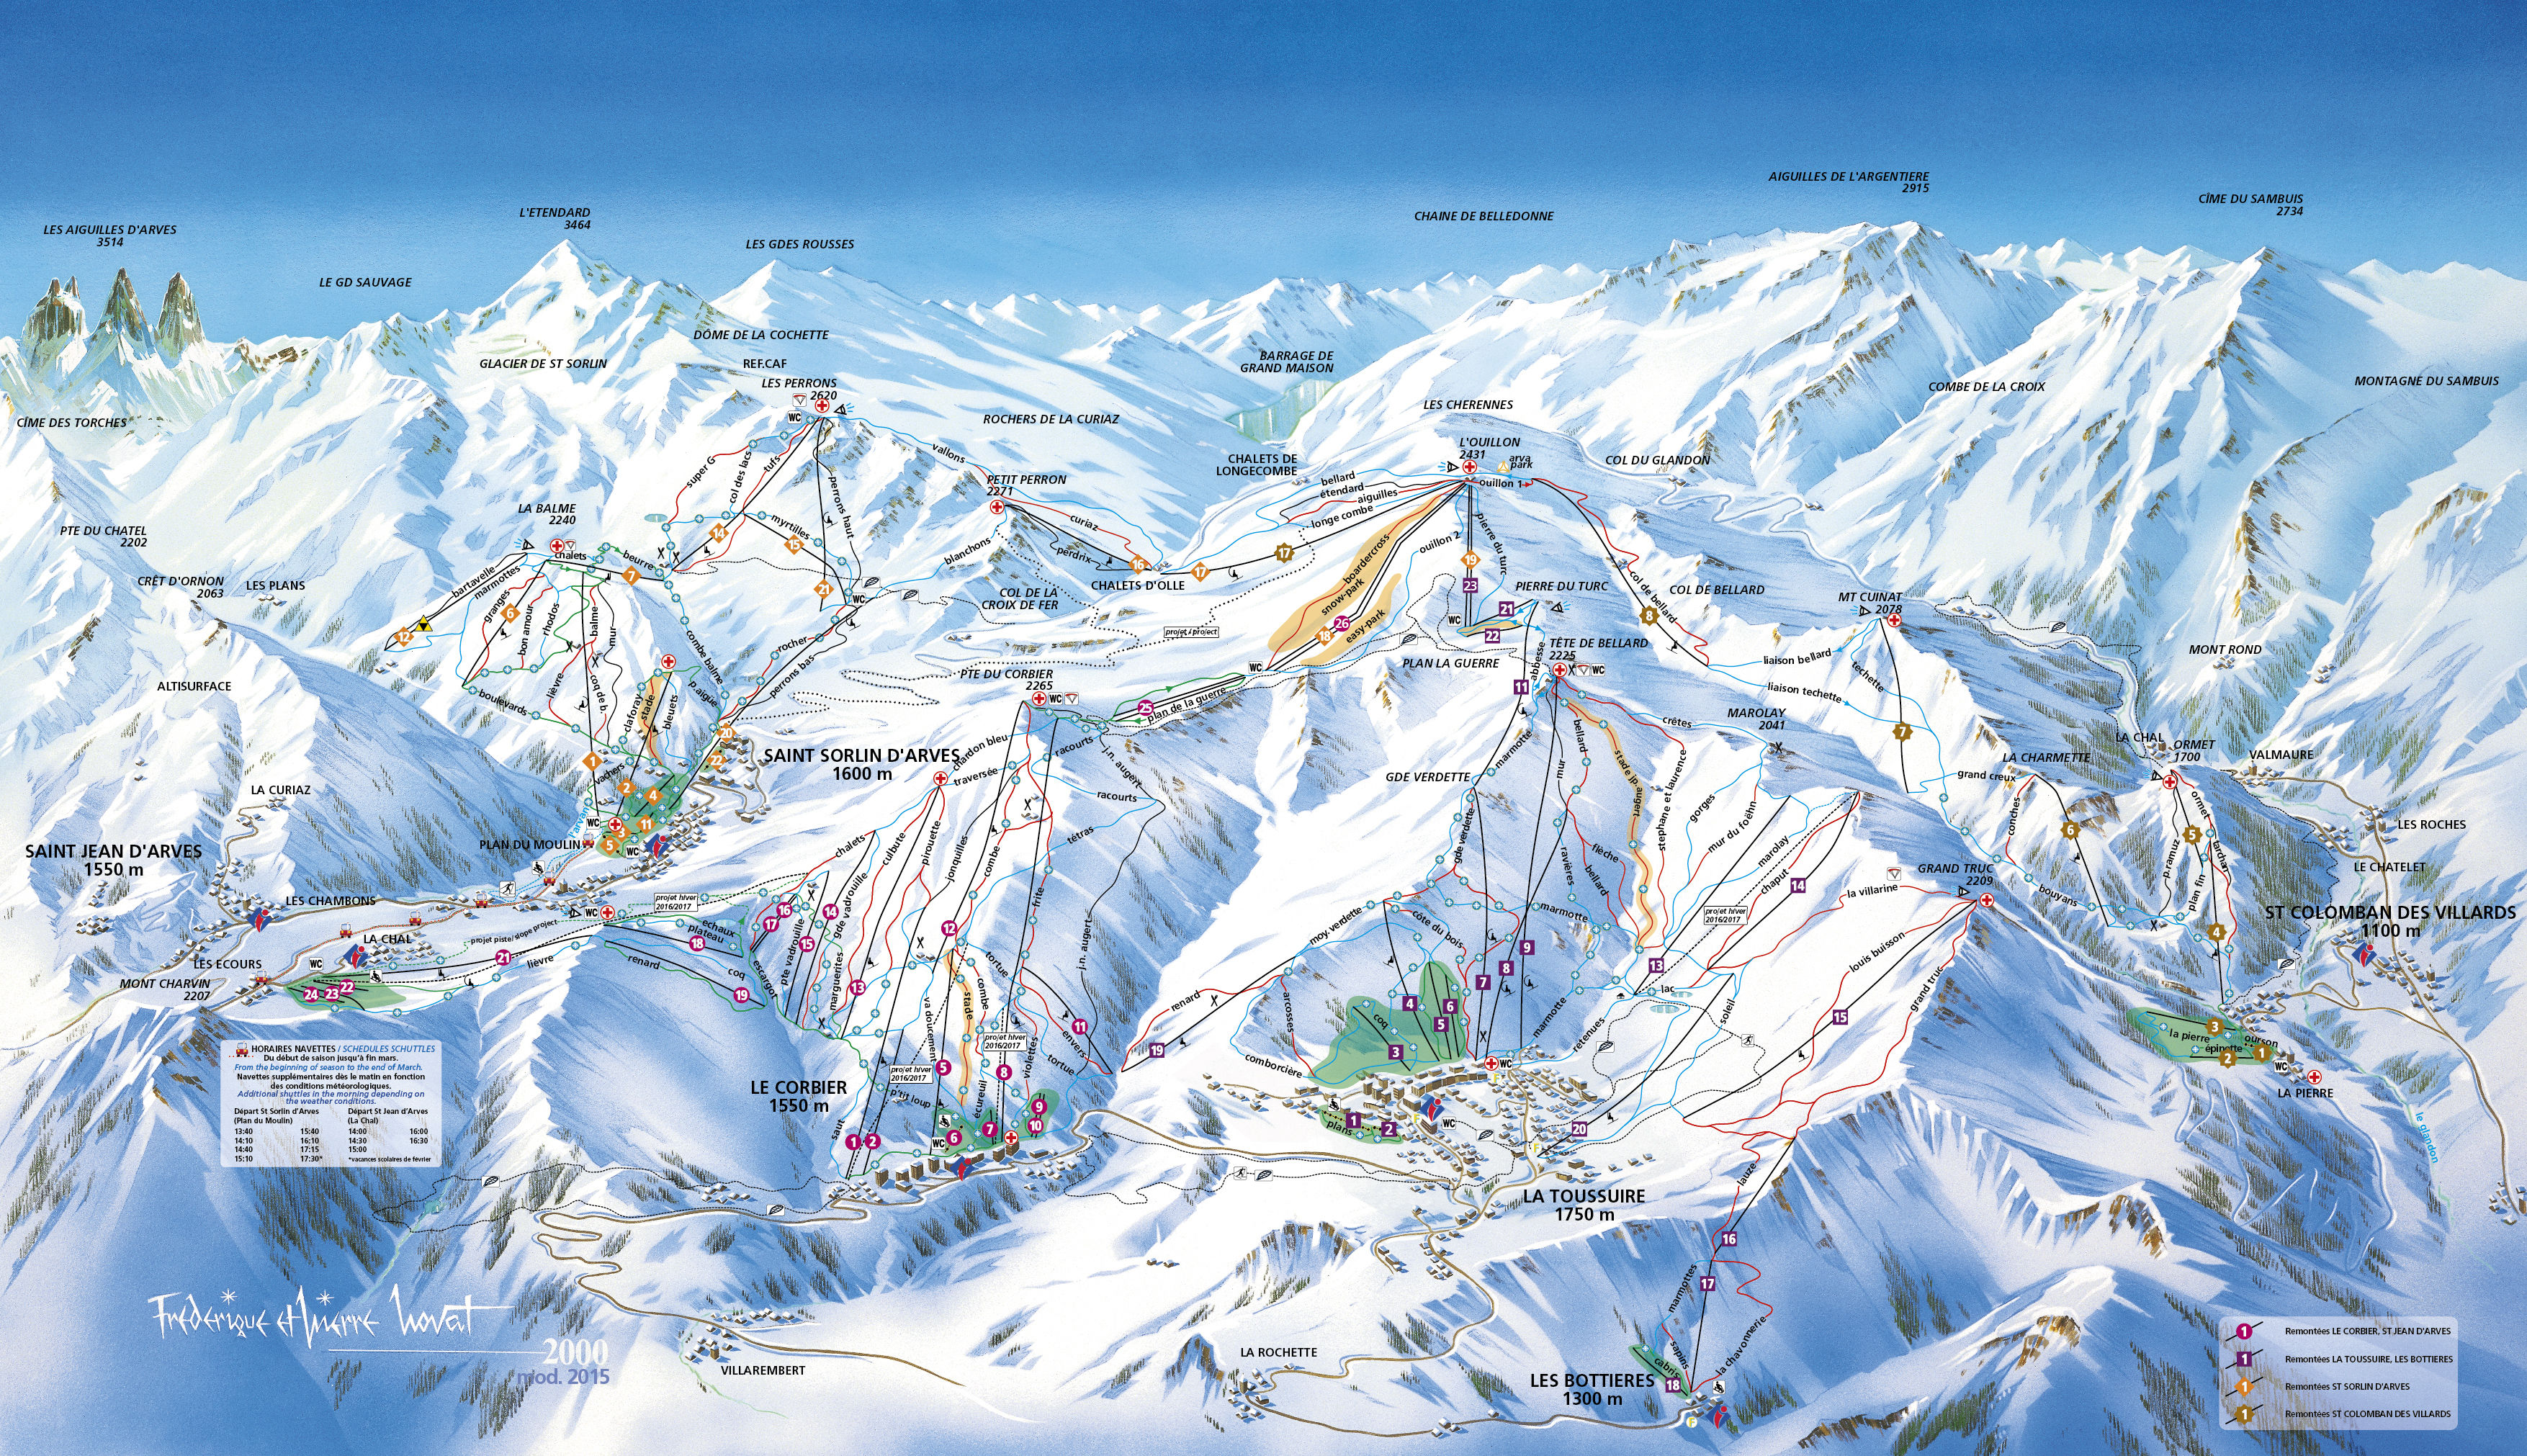 Domaine skiable alpin ski nordique st sorlin d 39 arves - Office du tourisme saint sorlin d arves ...